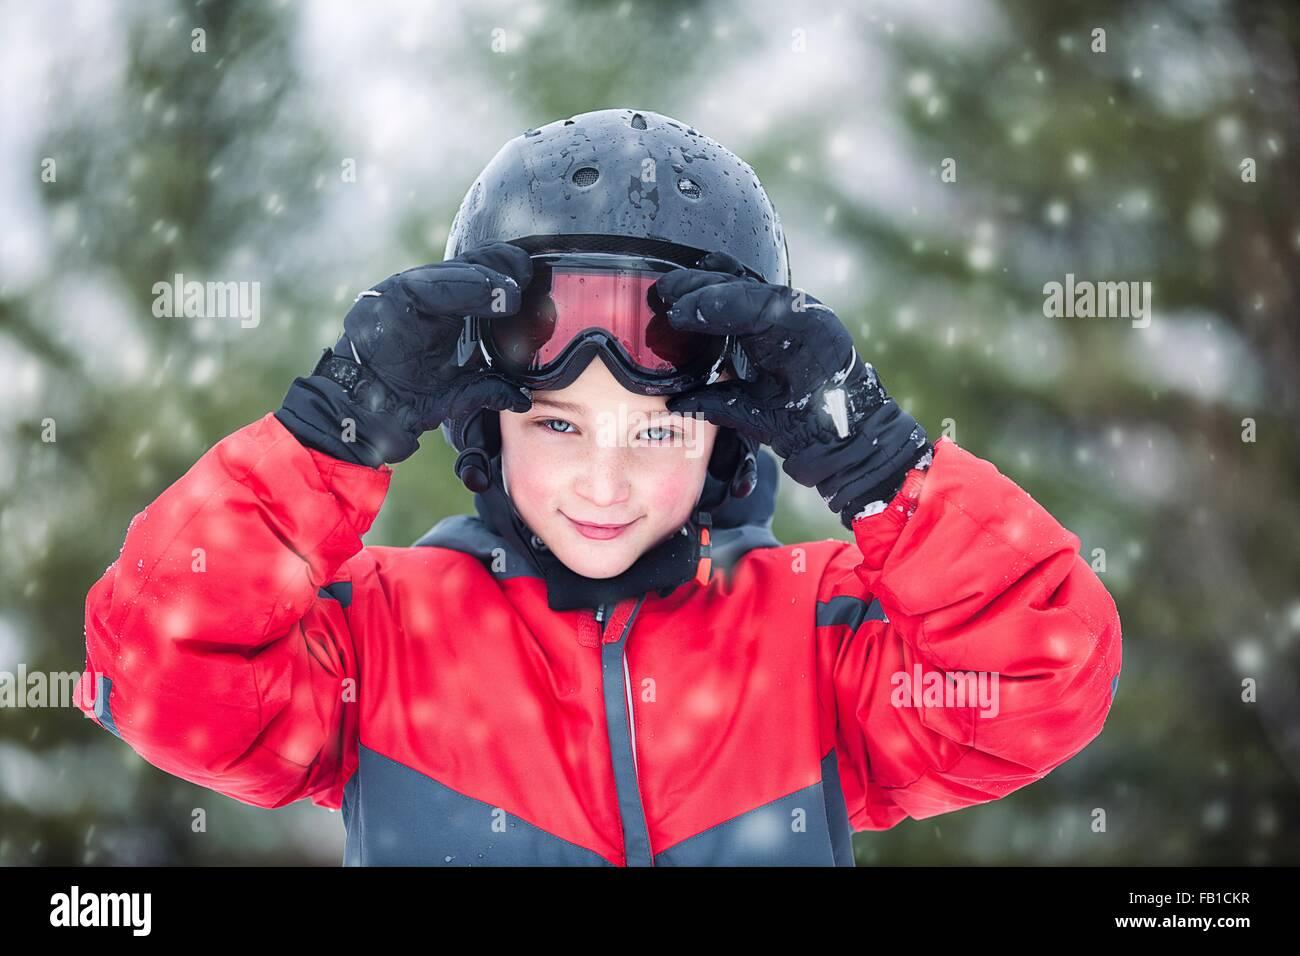 Ragazzo che indossa il casco e occhiali da sci guardando la telecamera sorridendo, nevicava Immagini Stock